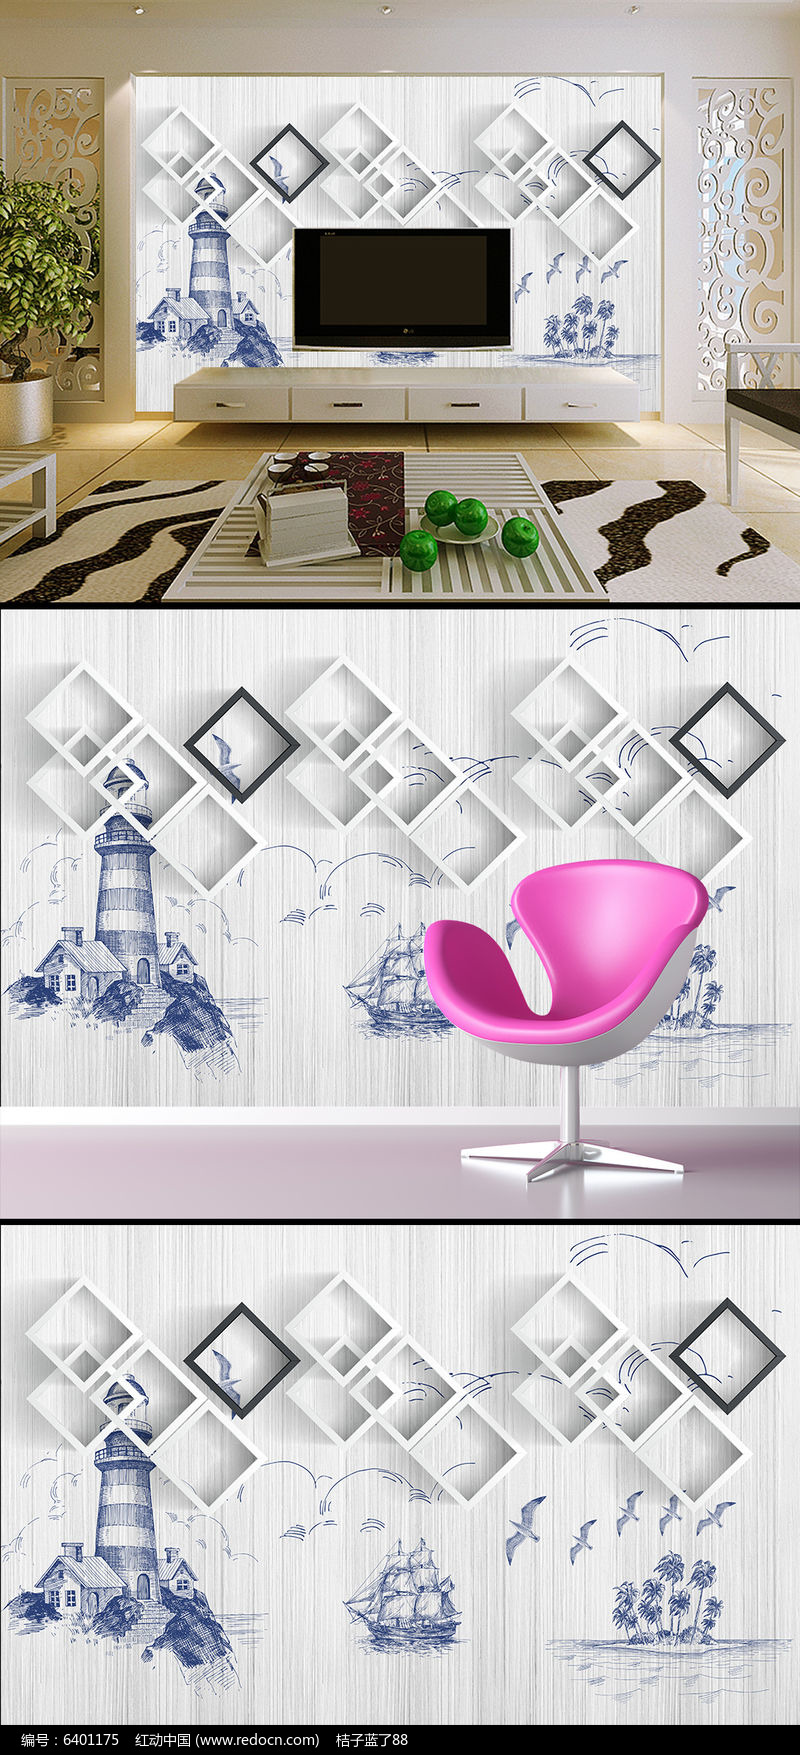 灯塔航海小船砖墙地中海欧式电视背景墙壁画图片